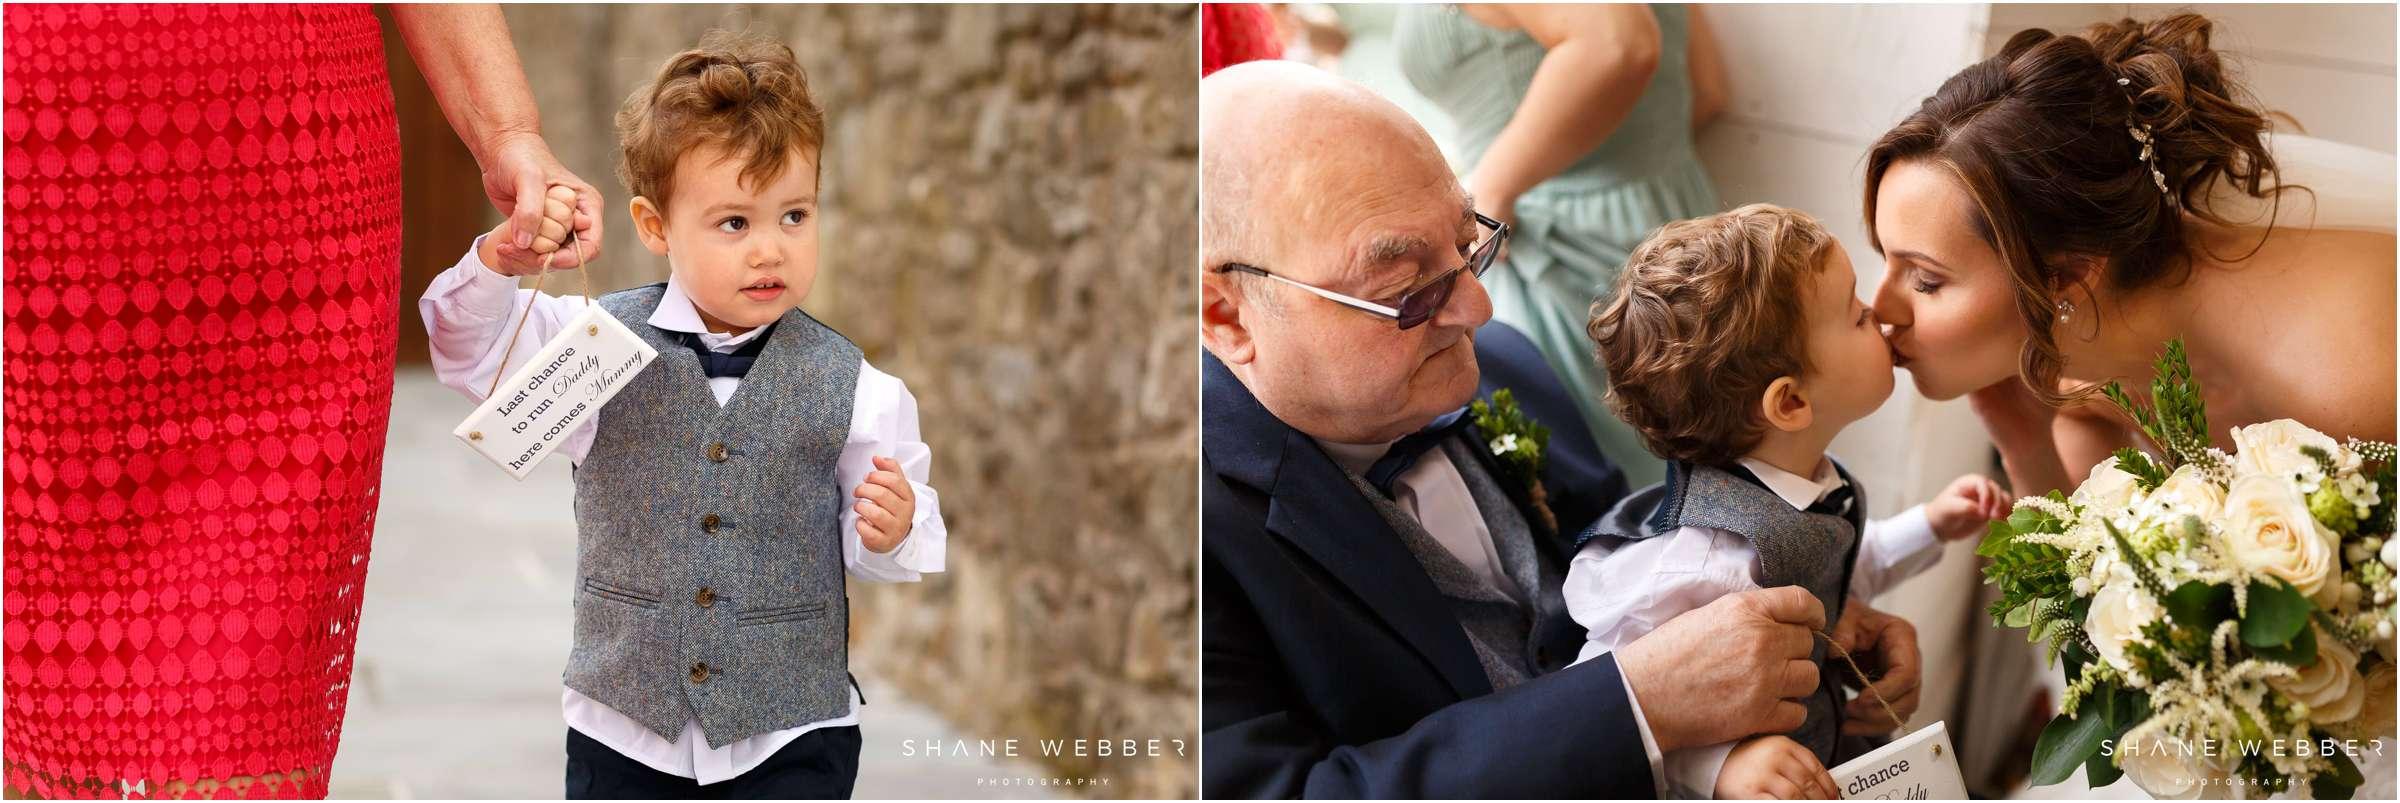 children wedding outfits